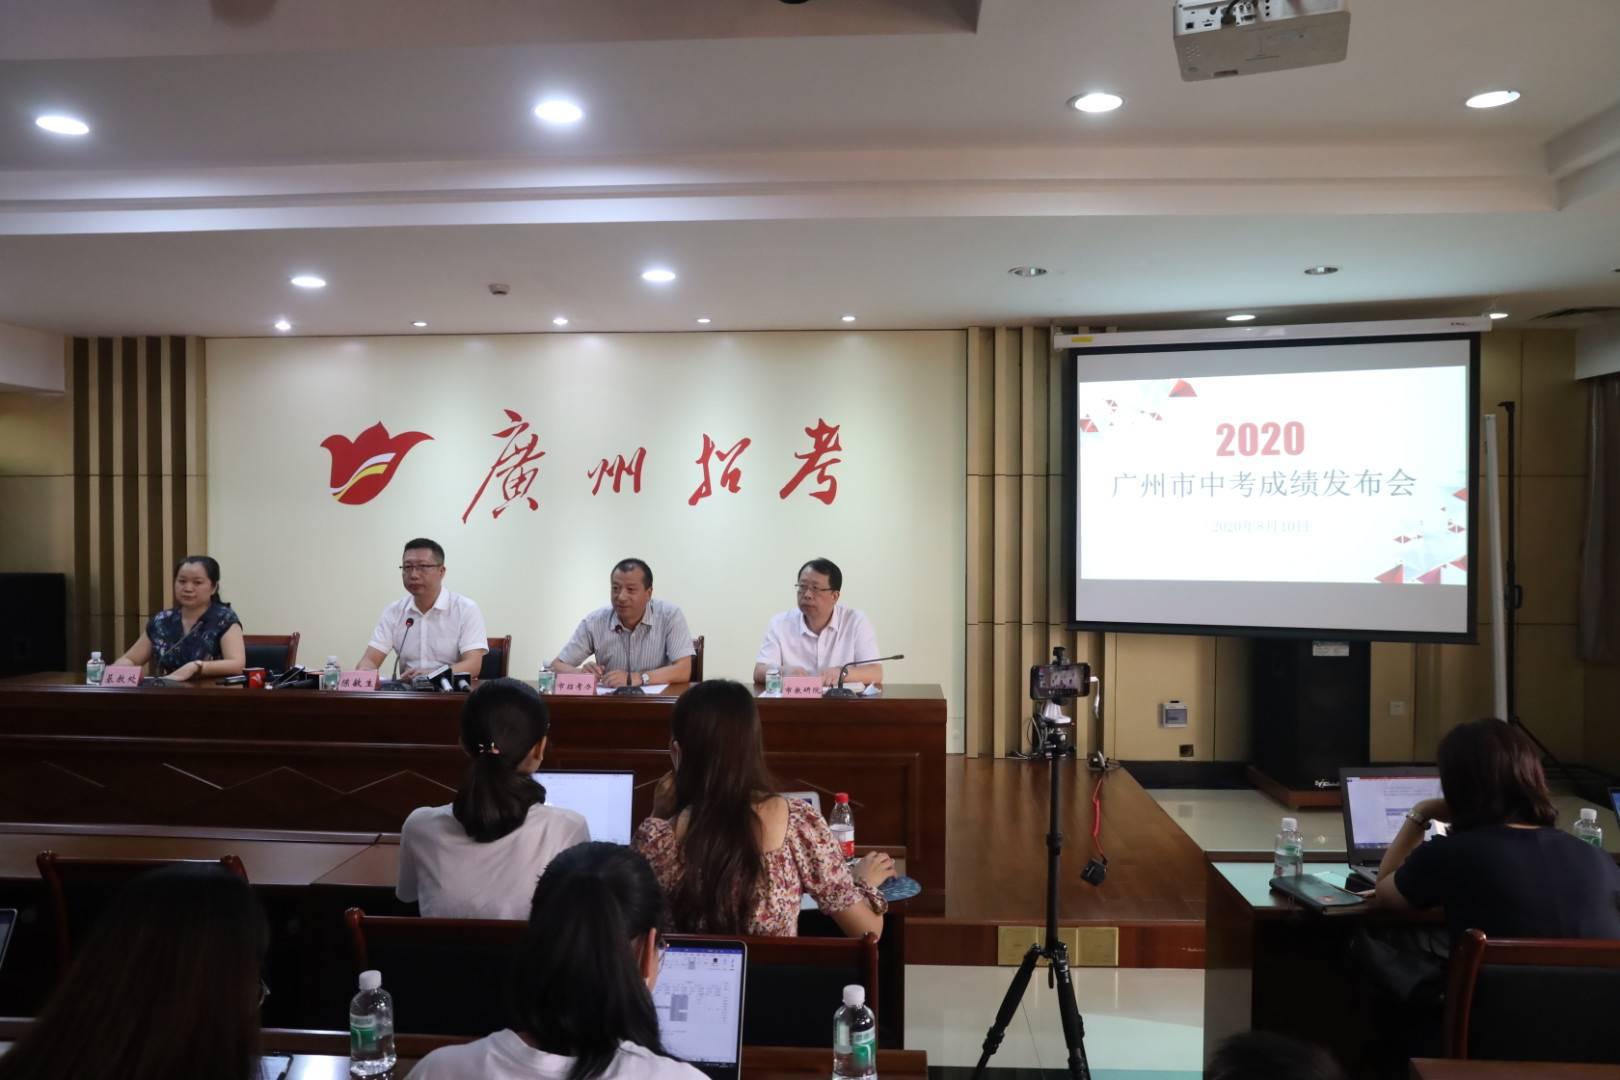 广州中考各区录取分数线:首批高分优先投档线老三区、天河630